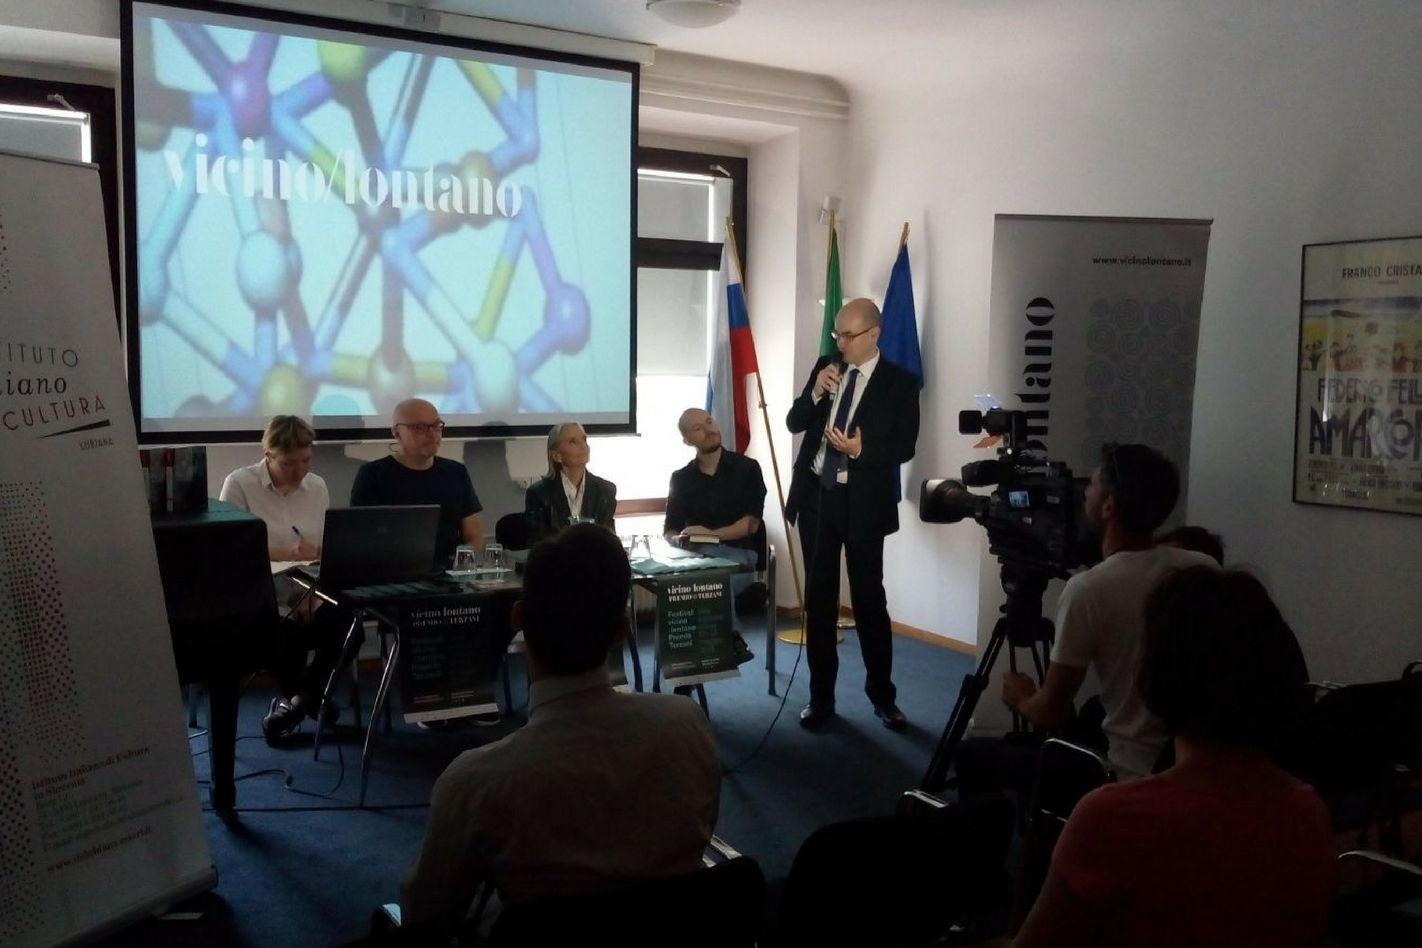 Presentazione del festival all'Istituto Italiano di Cultura a Lubiana